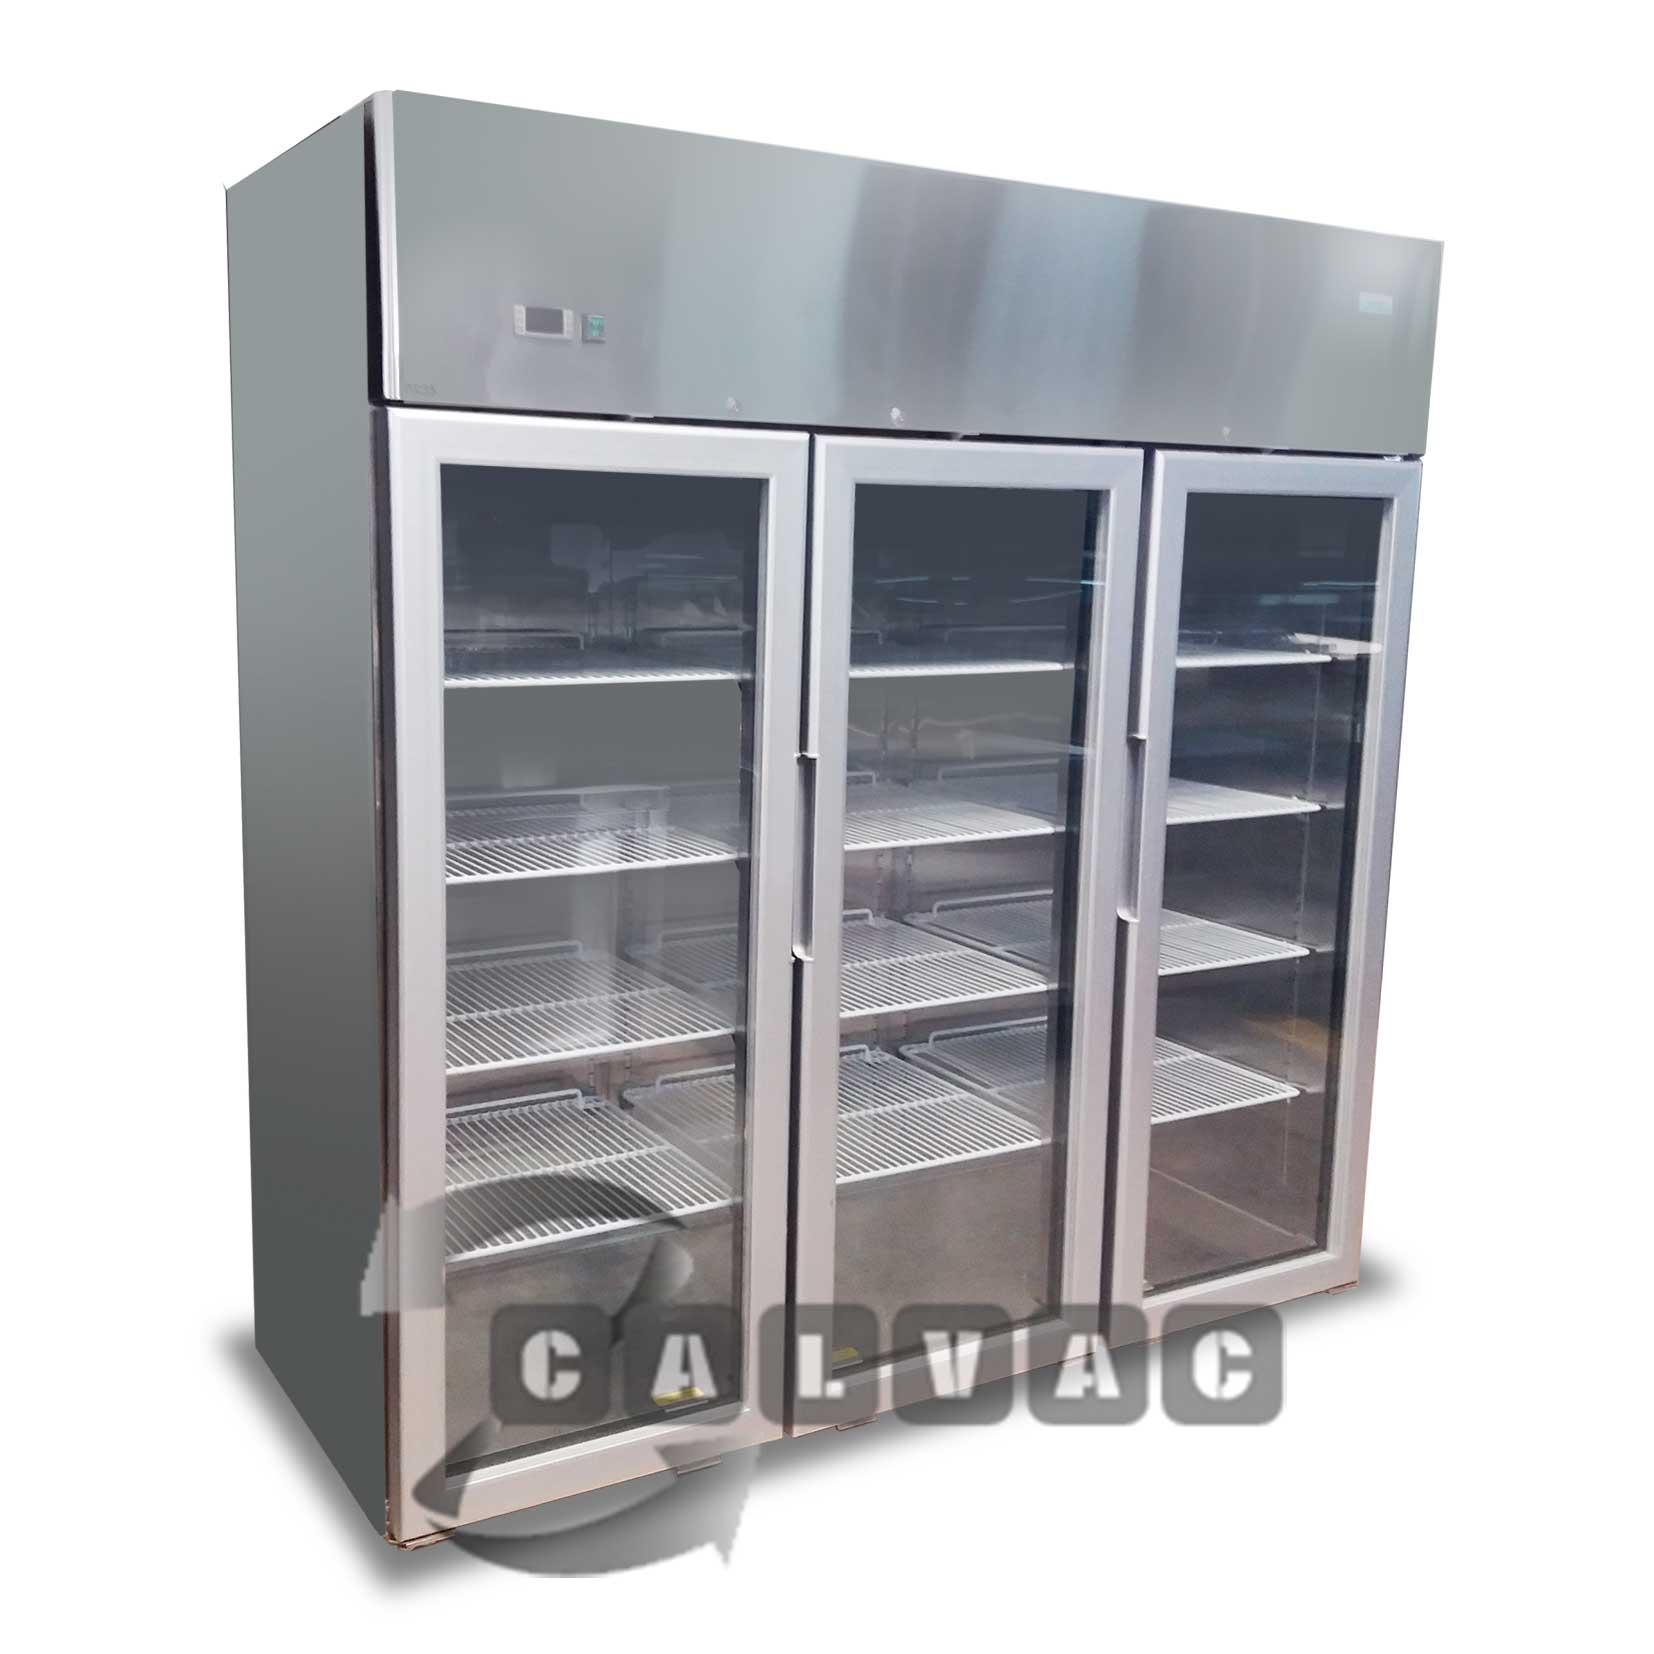 Refrigeradores industriales calvac refrigeradores for Puerta cocina industrial